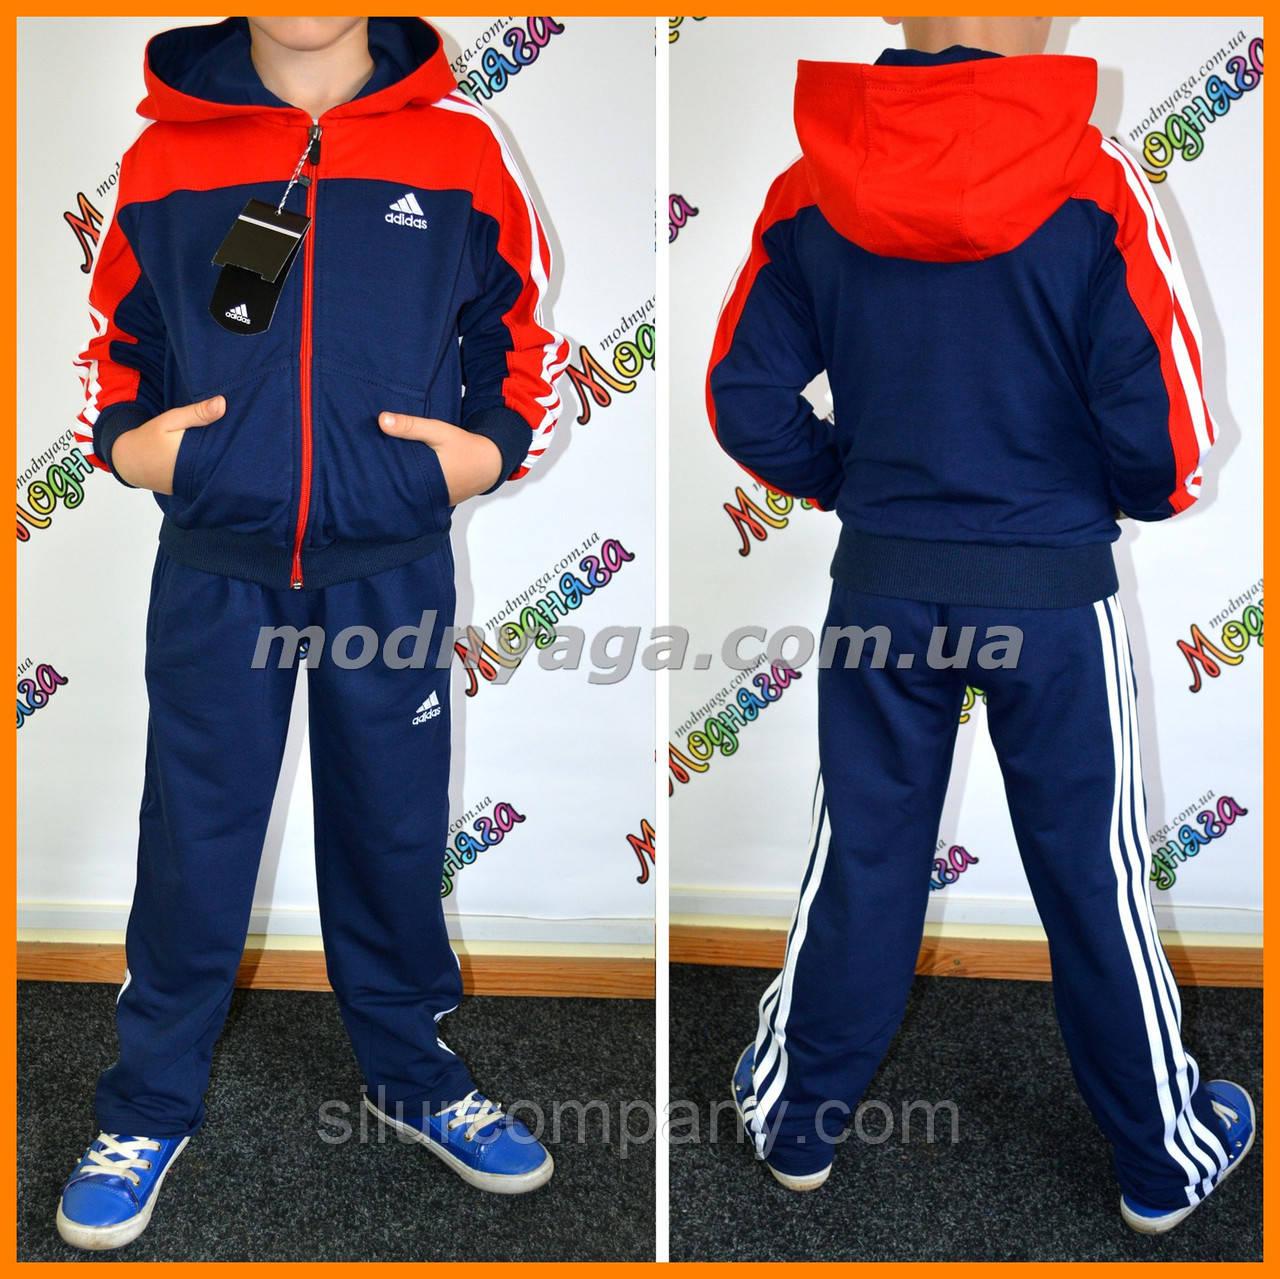 1ac4d1bcd Детская одежда интернет магазин, спортивный костюм адидас - Интернет магазин